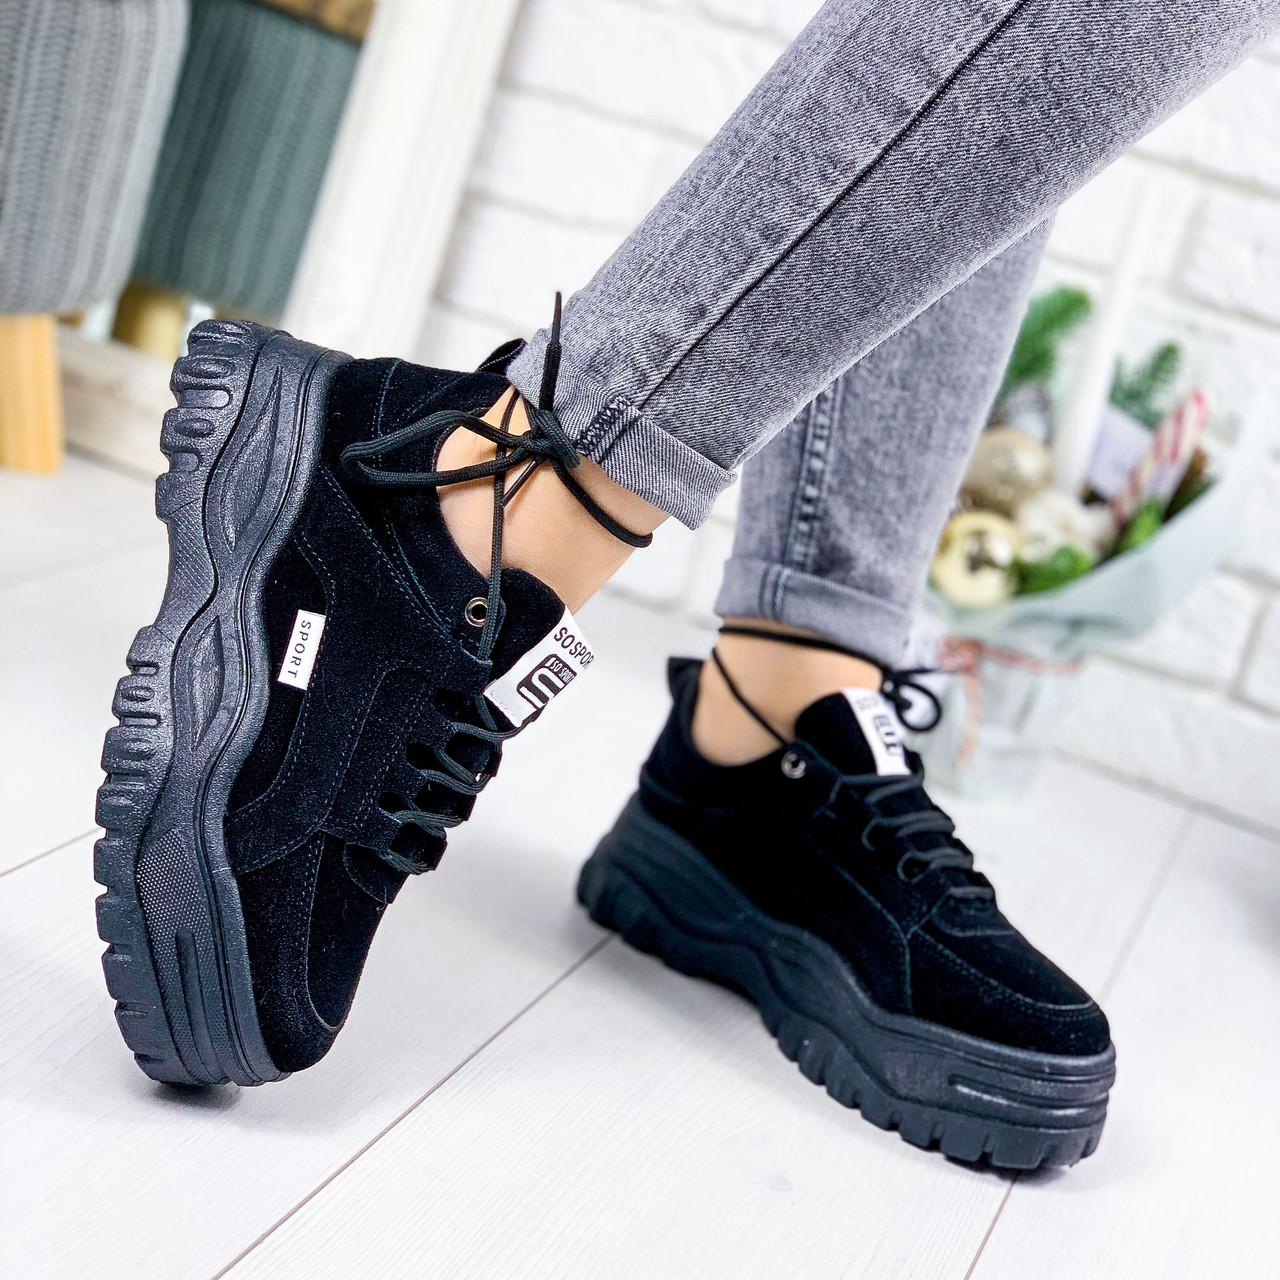 Кроссовки женские Gias черные 9190